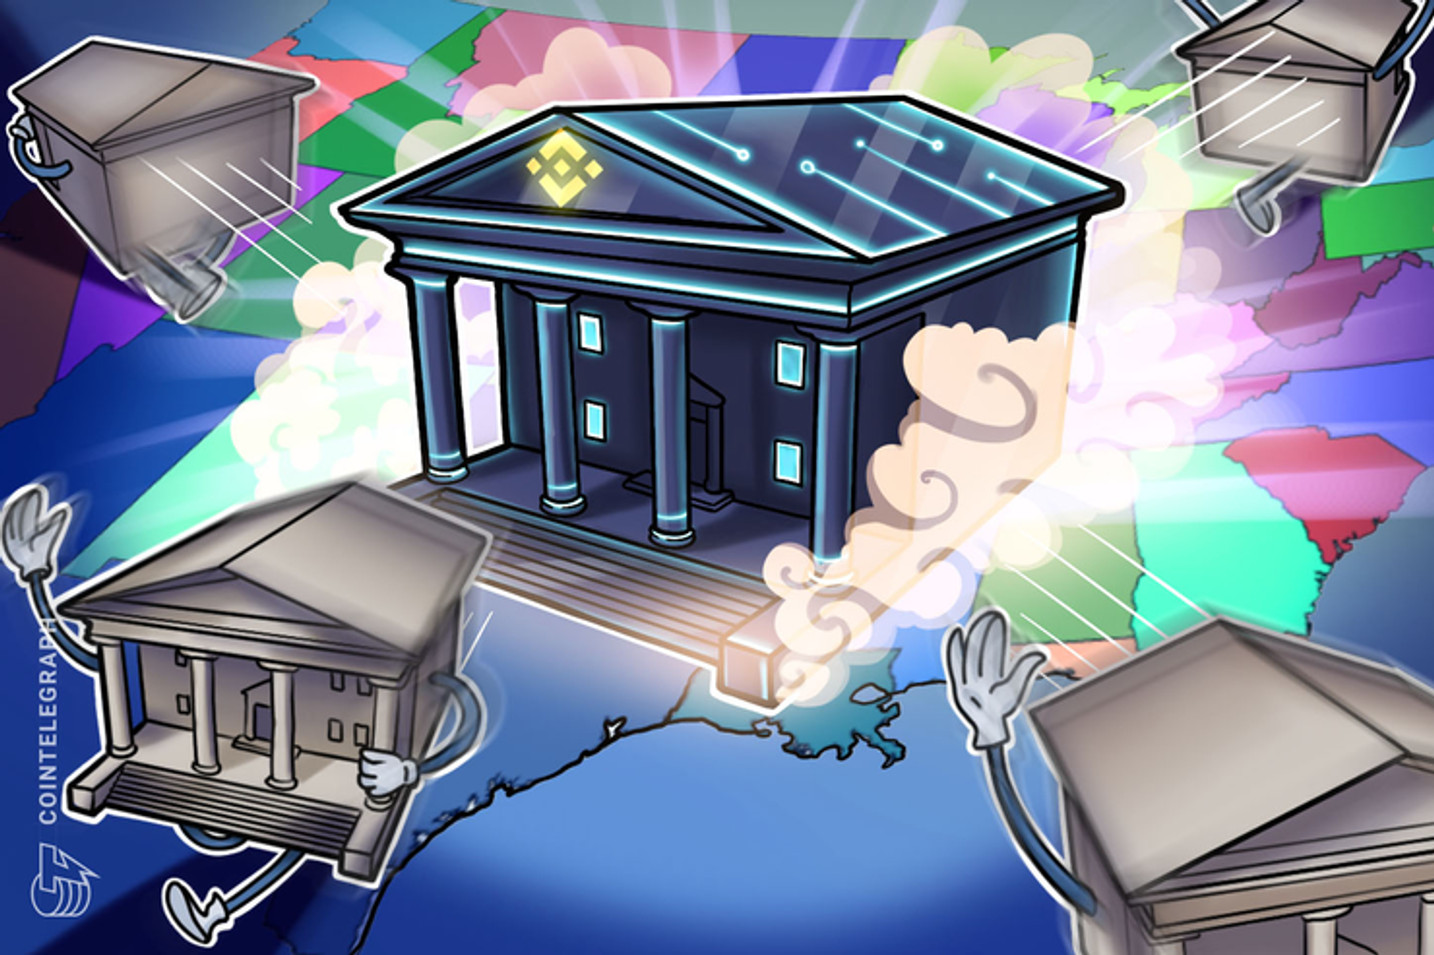 El lanzamiento de Binance US puede tener efectos de gran alcance en el mercado de criptomonedas